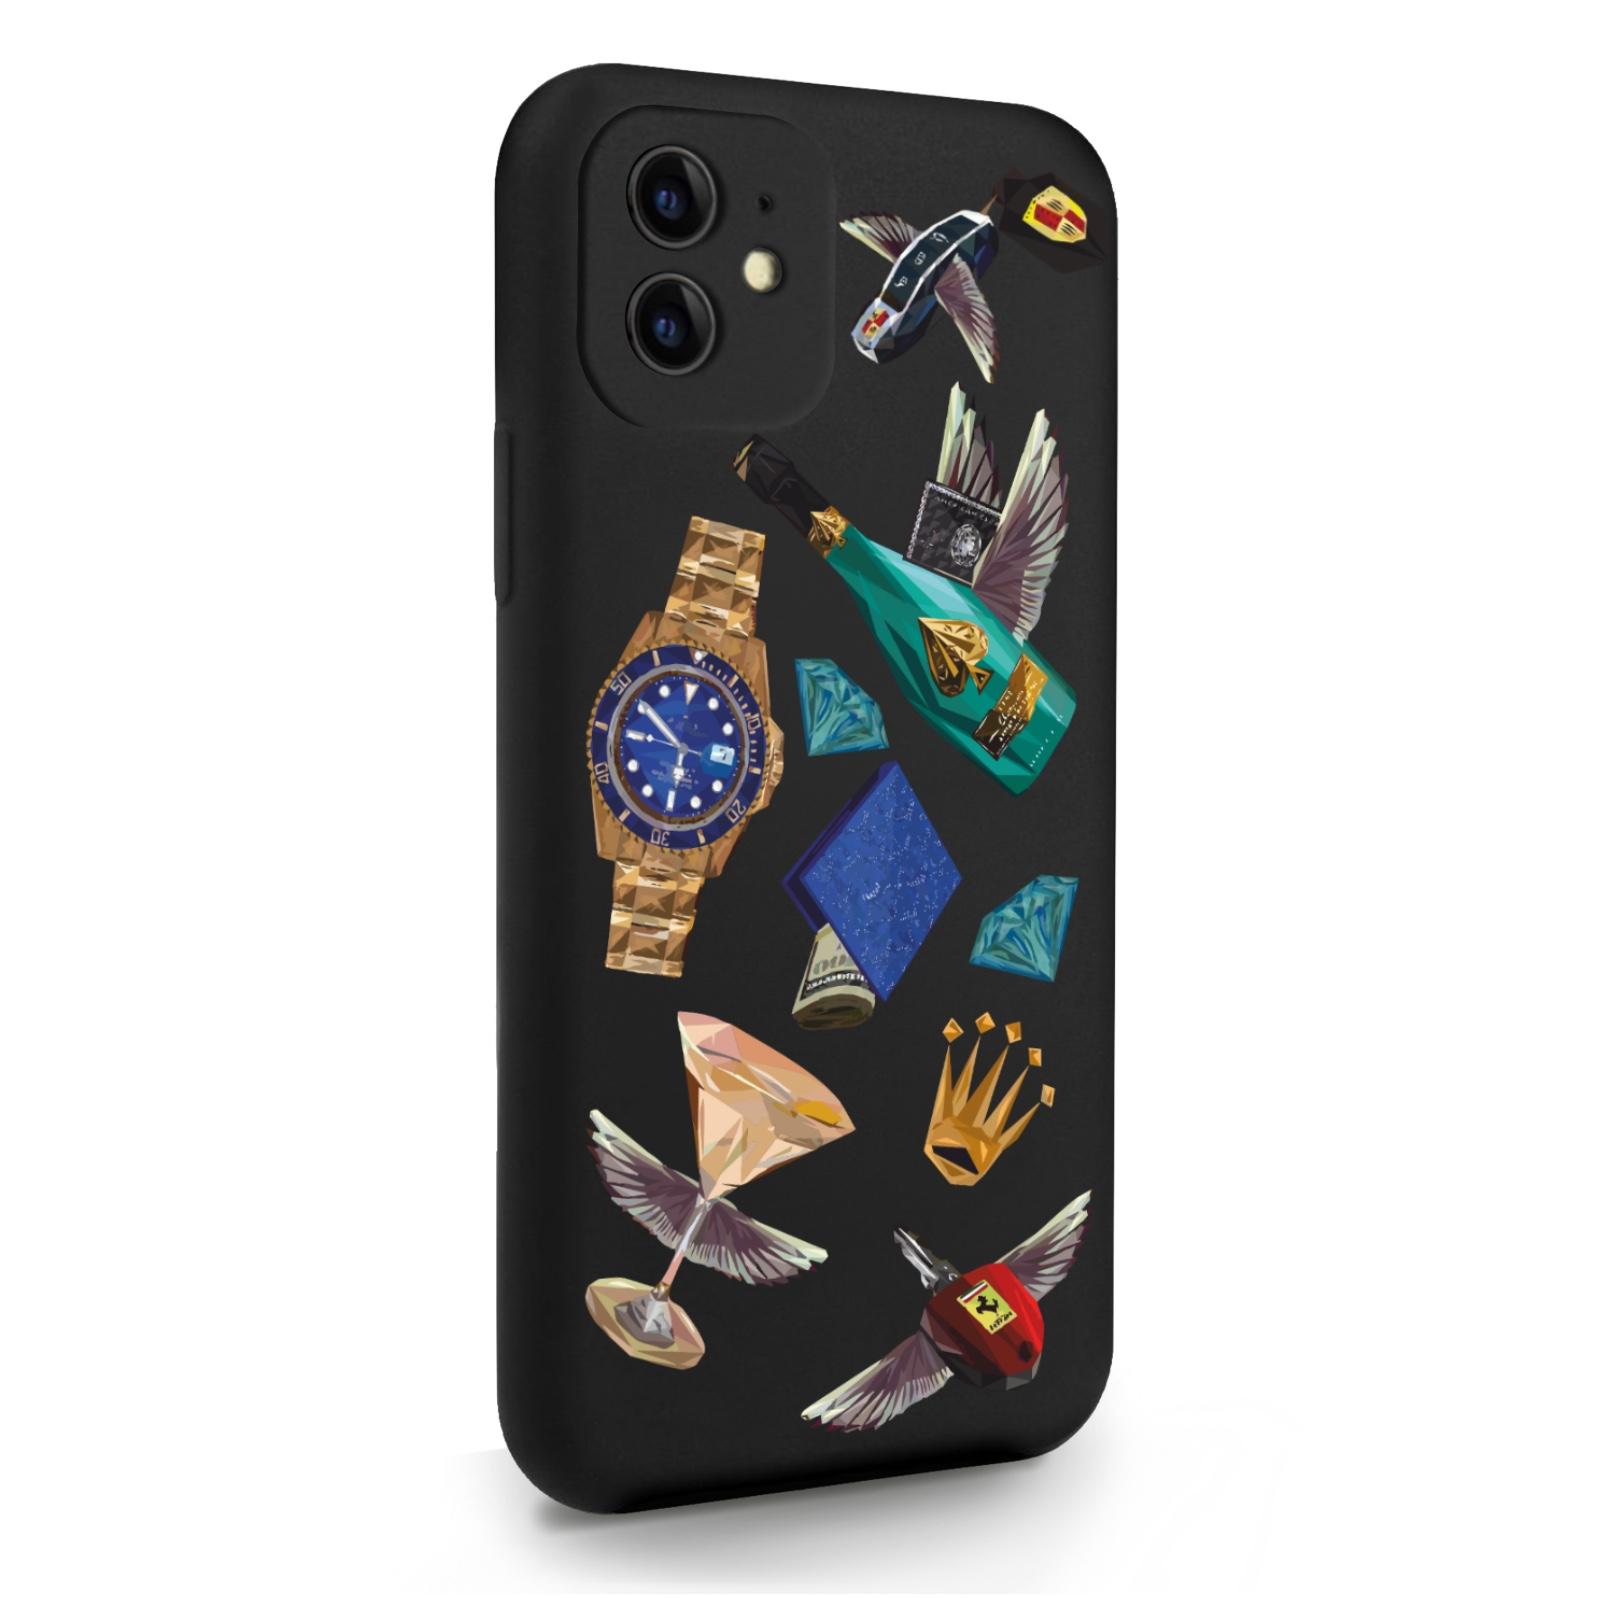 Черный силиконовый чехол для iPhone 11 Luxury lifestyle для Айфон 11